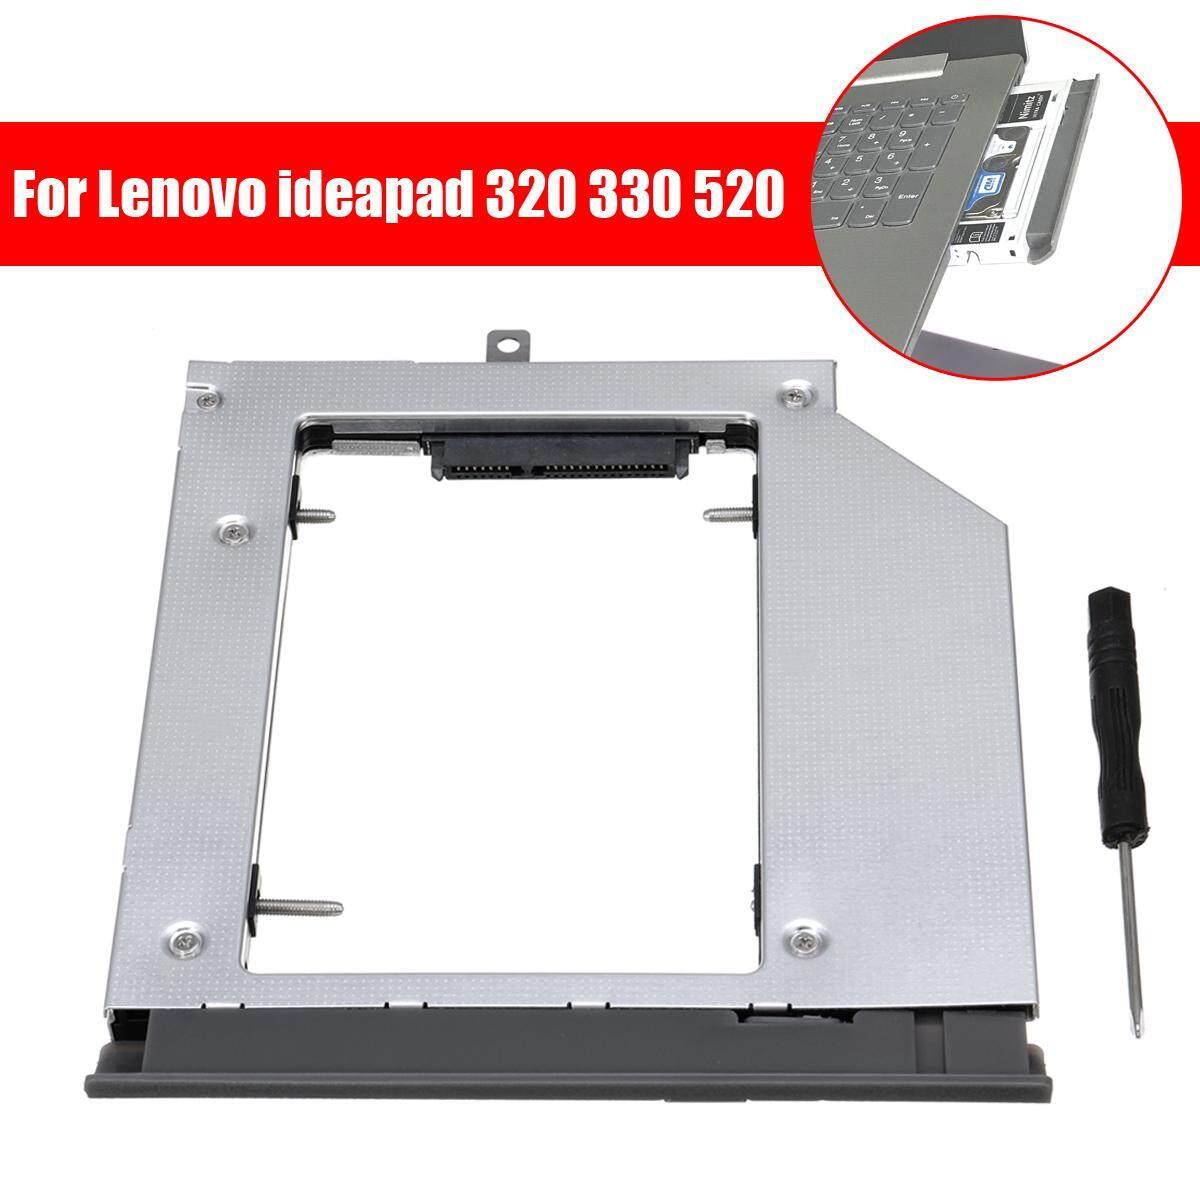 Quang học Ổ Cứng CD-ROM Caddy Dành Cho Laptop IdeaPad 320 330 520